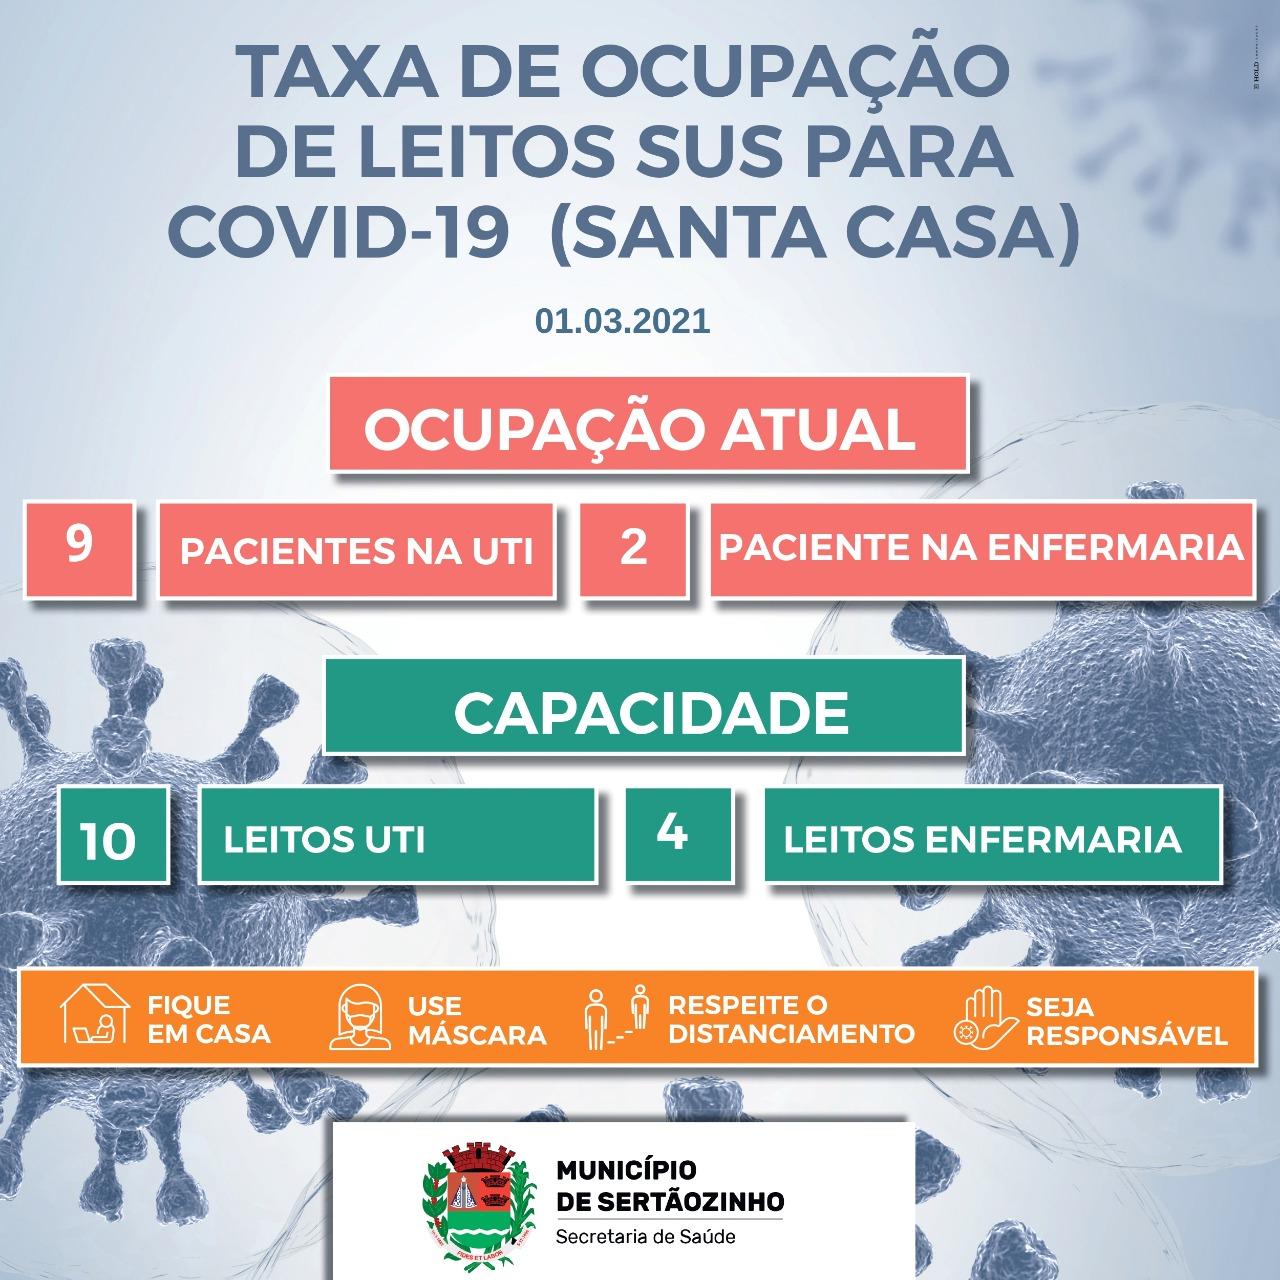 SANTA CASA DE SERTÃOZINHO ESTÁ COM 90% DE OCUPAÇÃO NOS LEITOS DE UTI/COVID-19